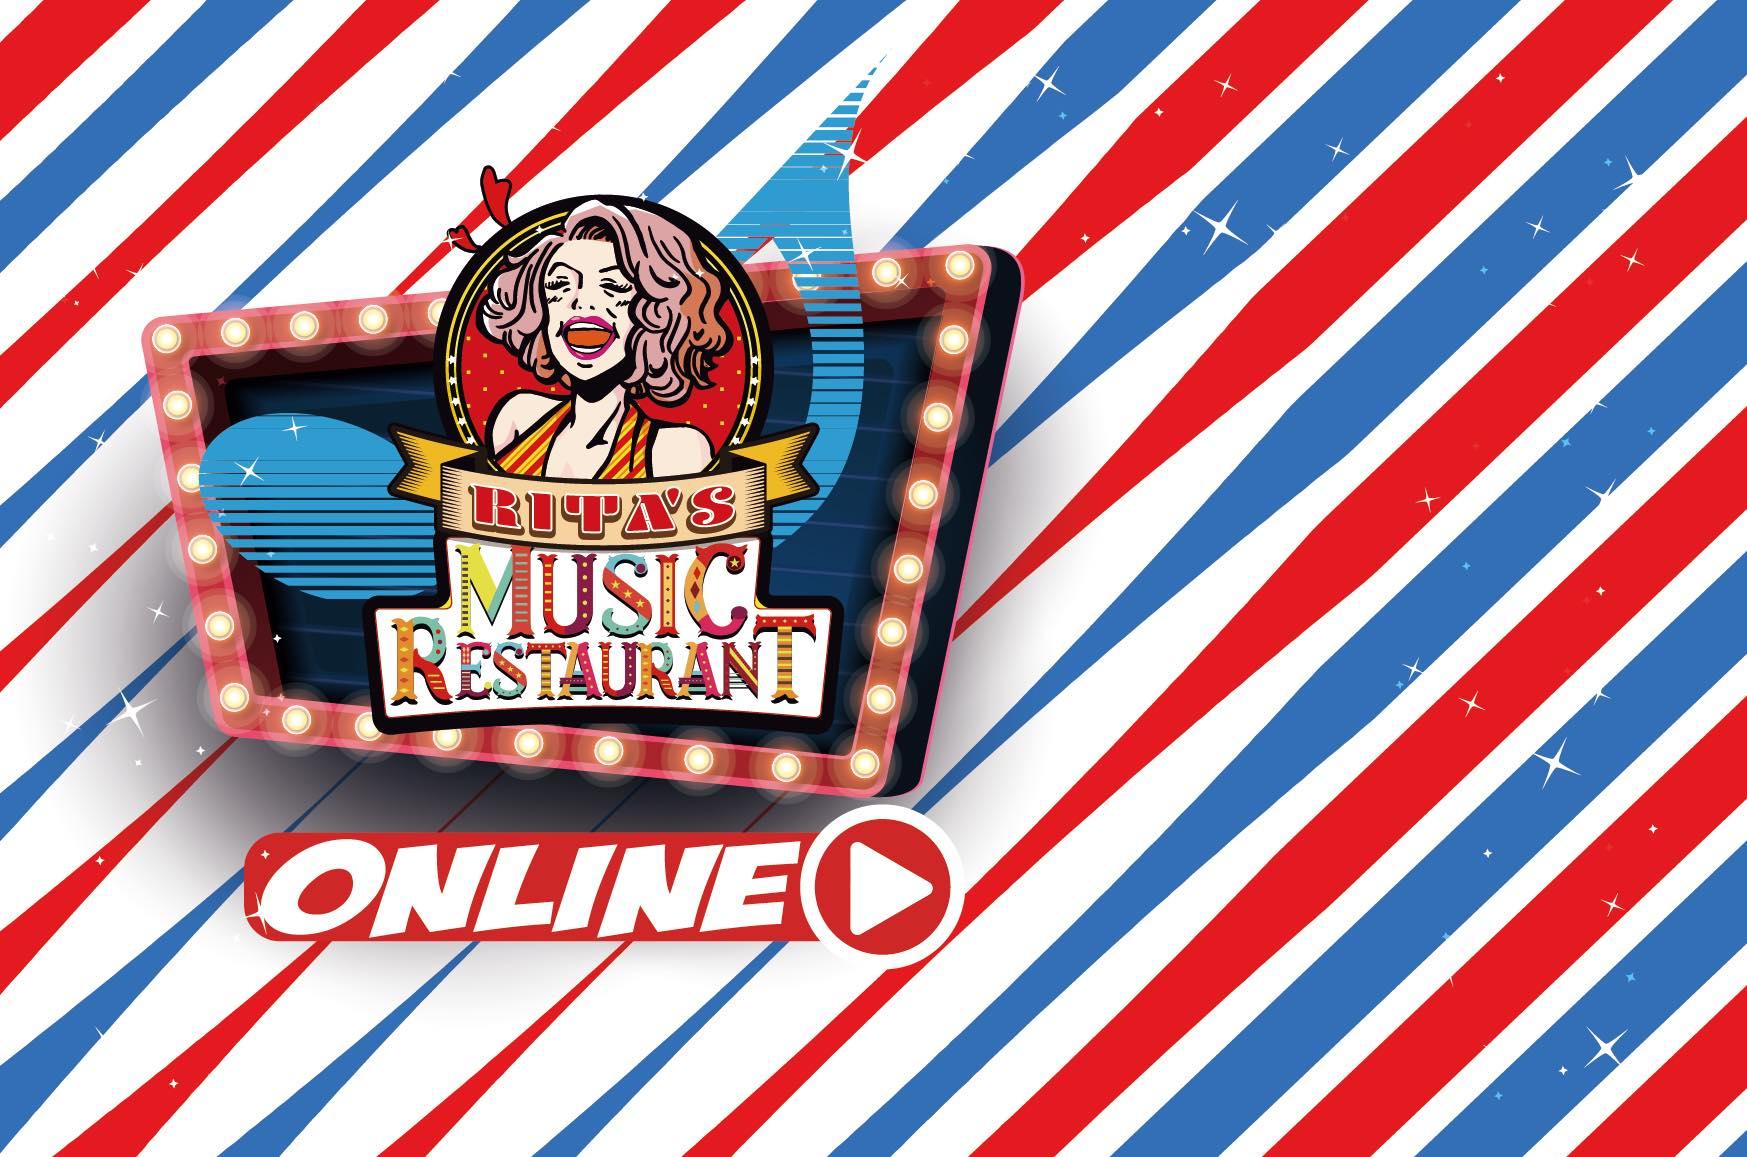 オンラインで『ミュージカル+レストラン』現役アクターがステイホームで歌と演劇